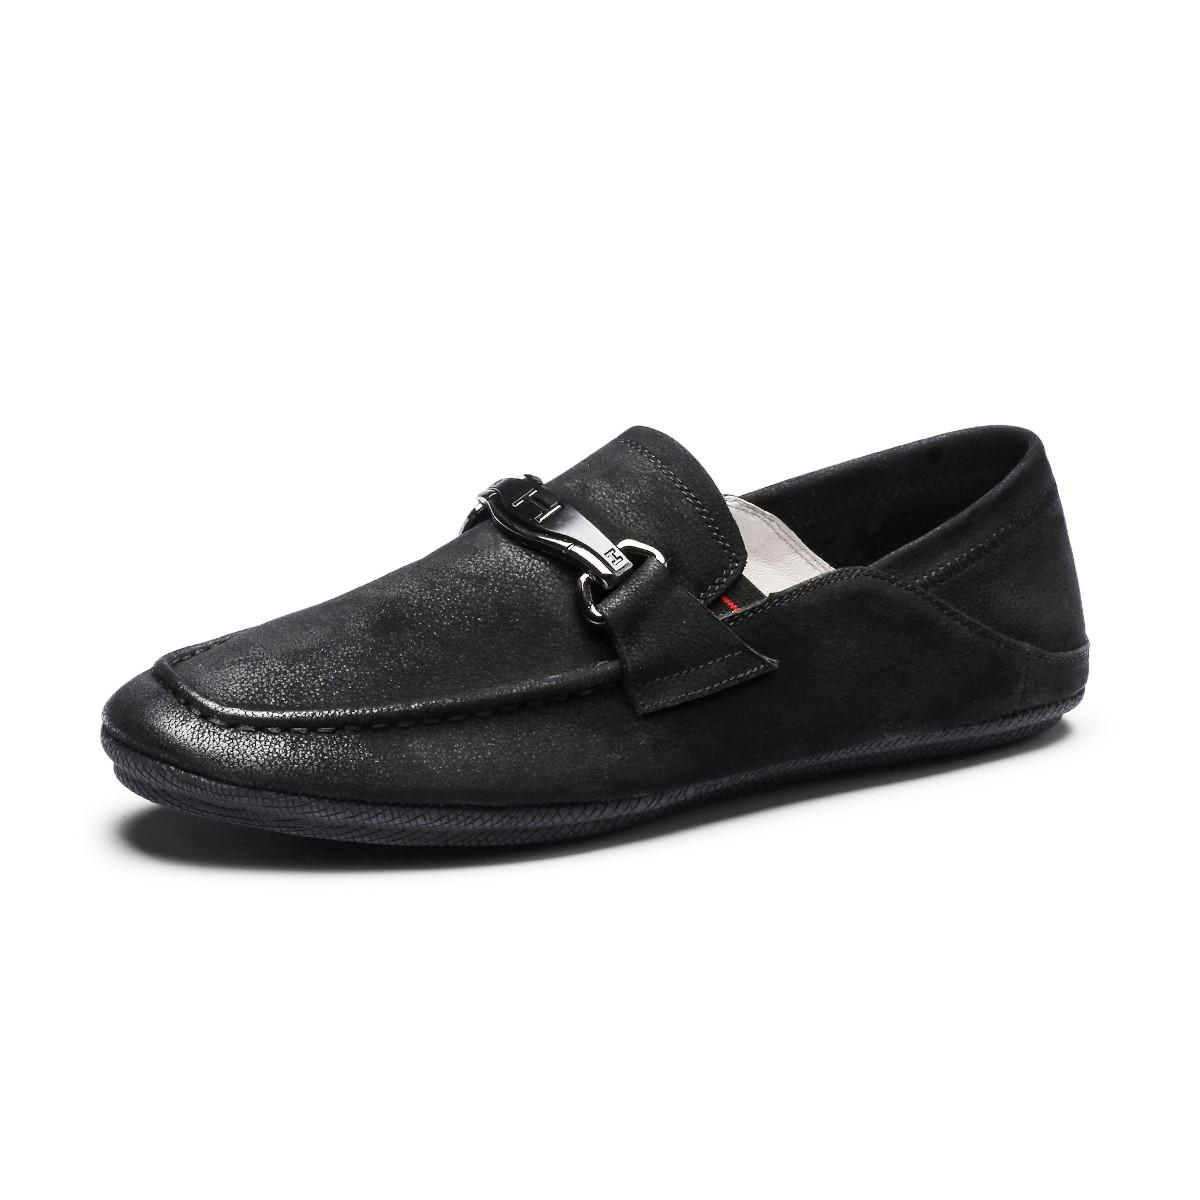 波尔谛奇新款真皮男鞋牛皮纯色简约舒适商务豆豆鞋男士皮鞋K8X21041-3-H1